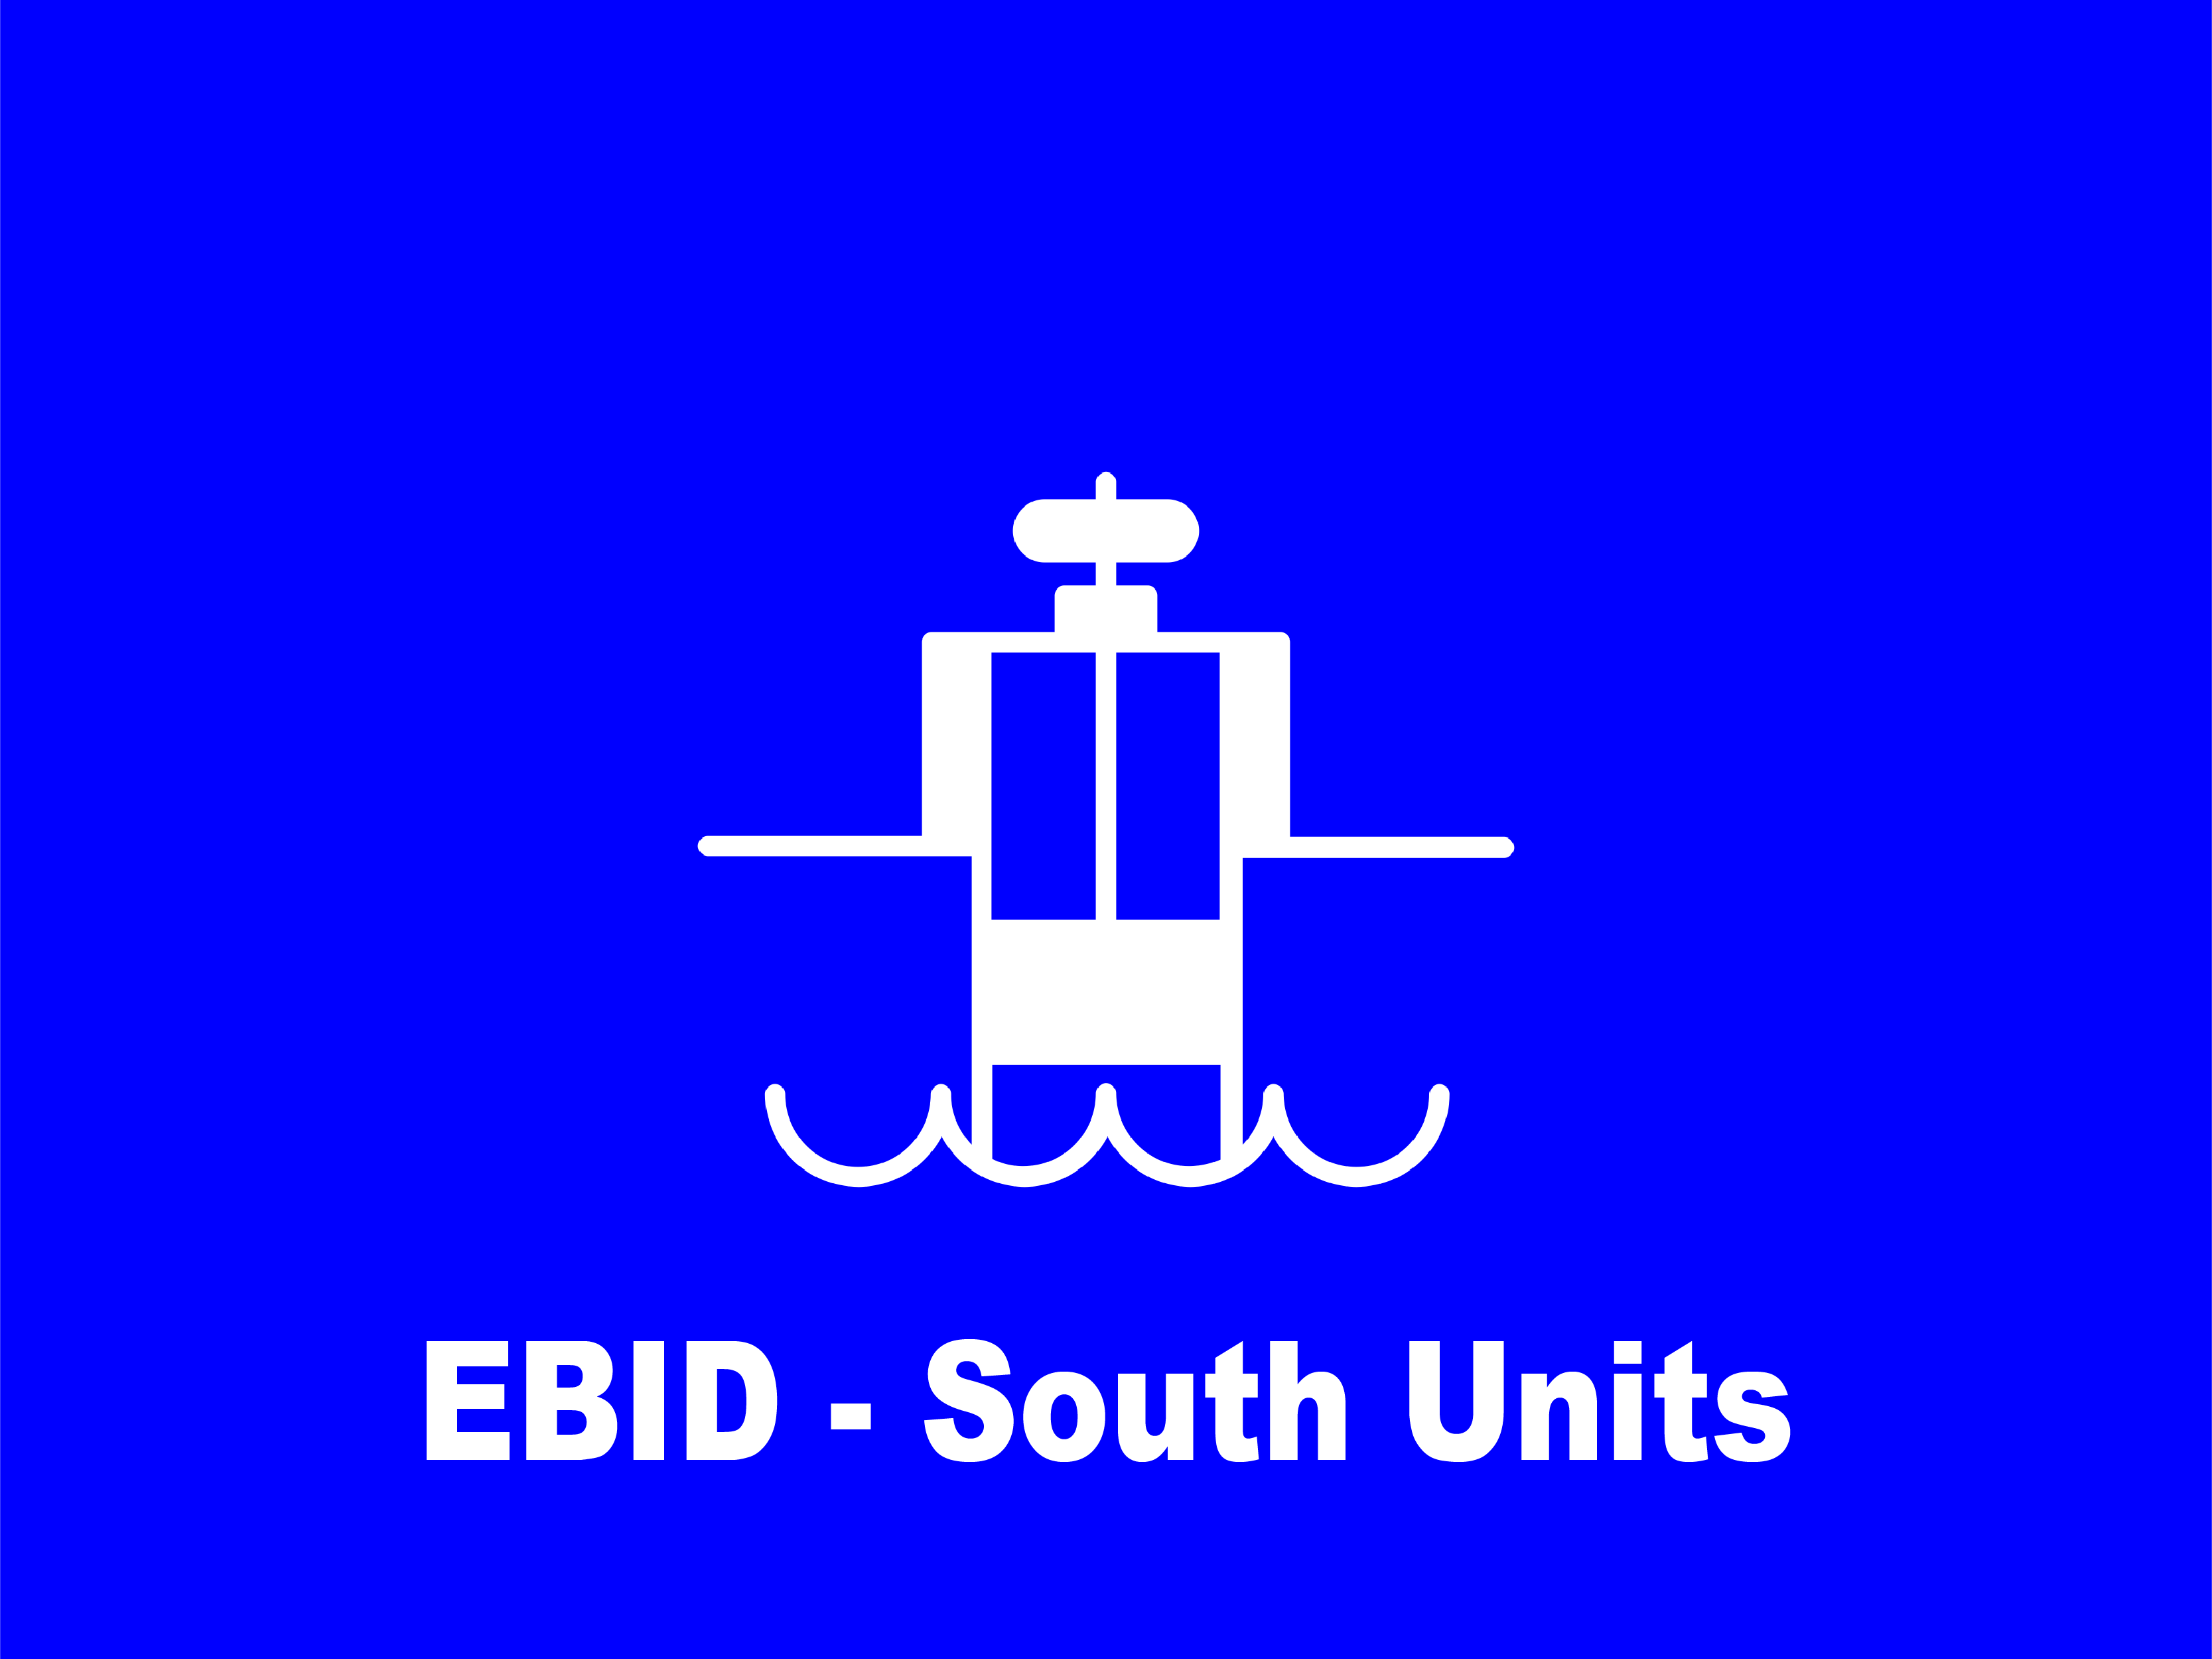 EBID South Units Icon